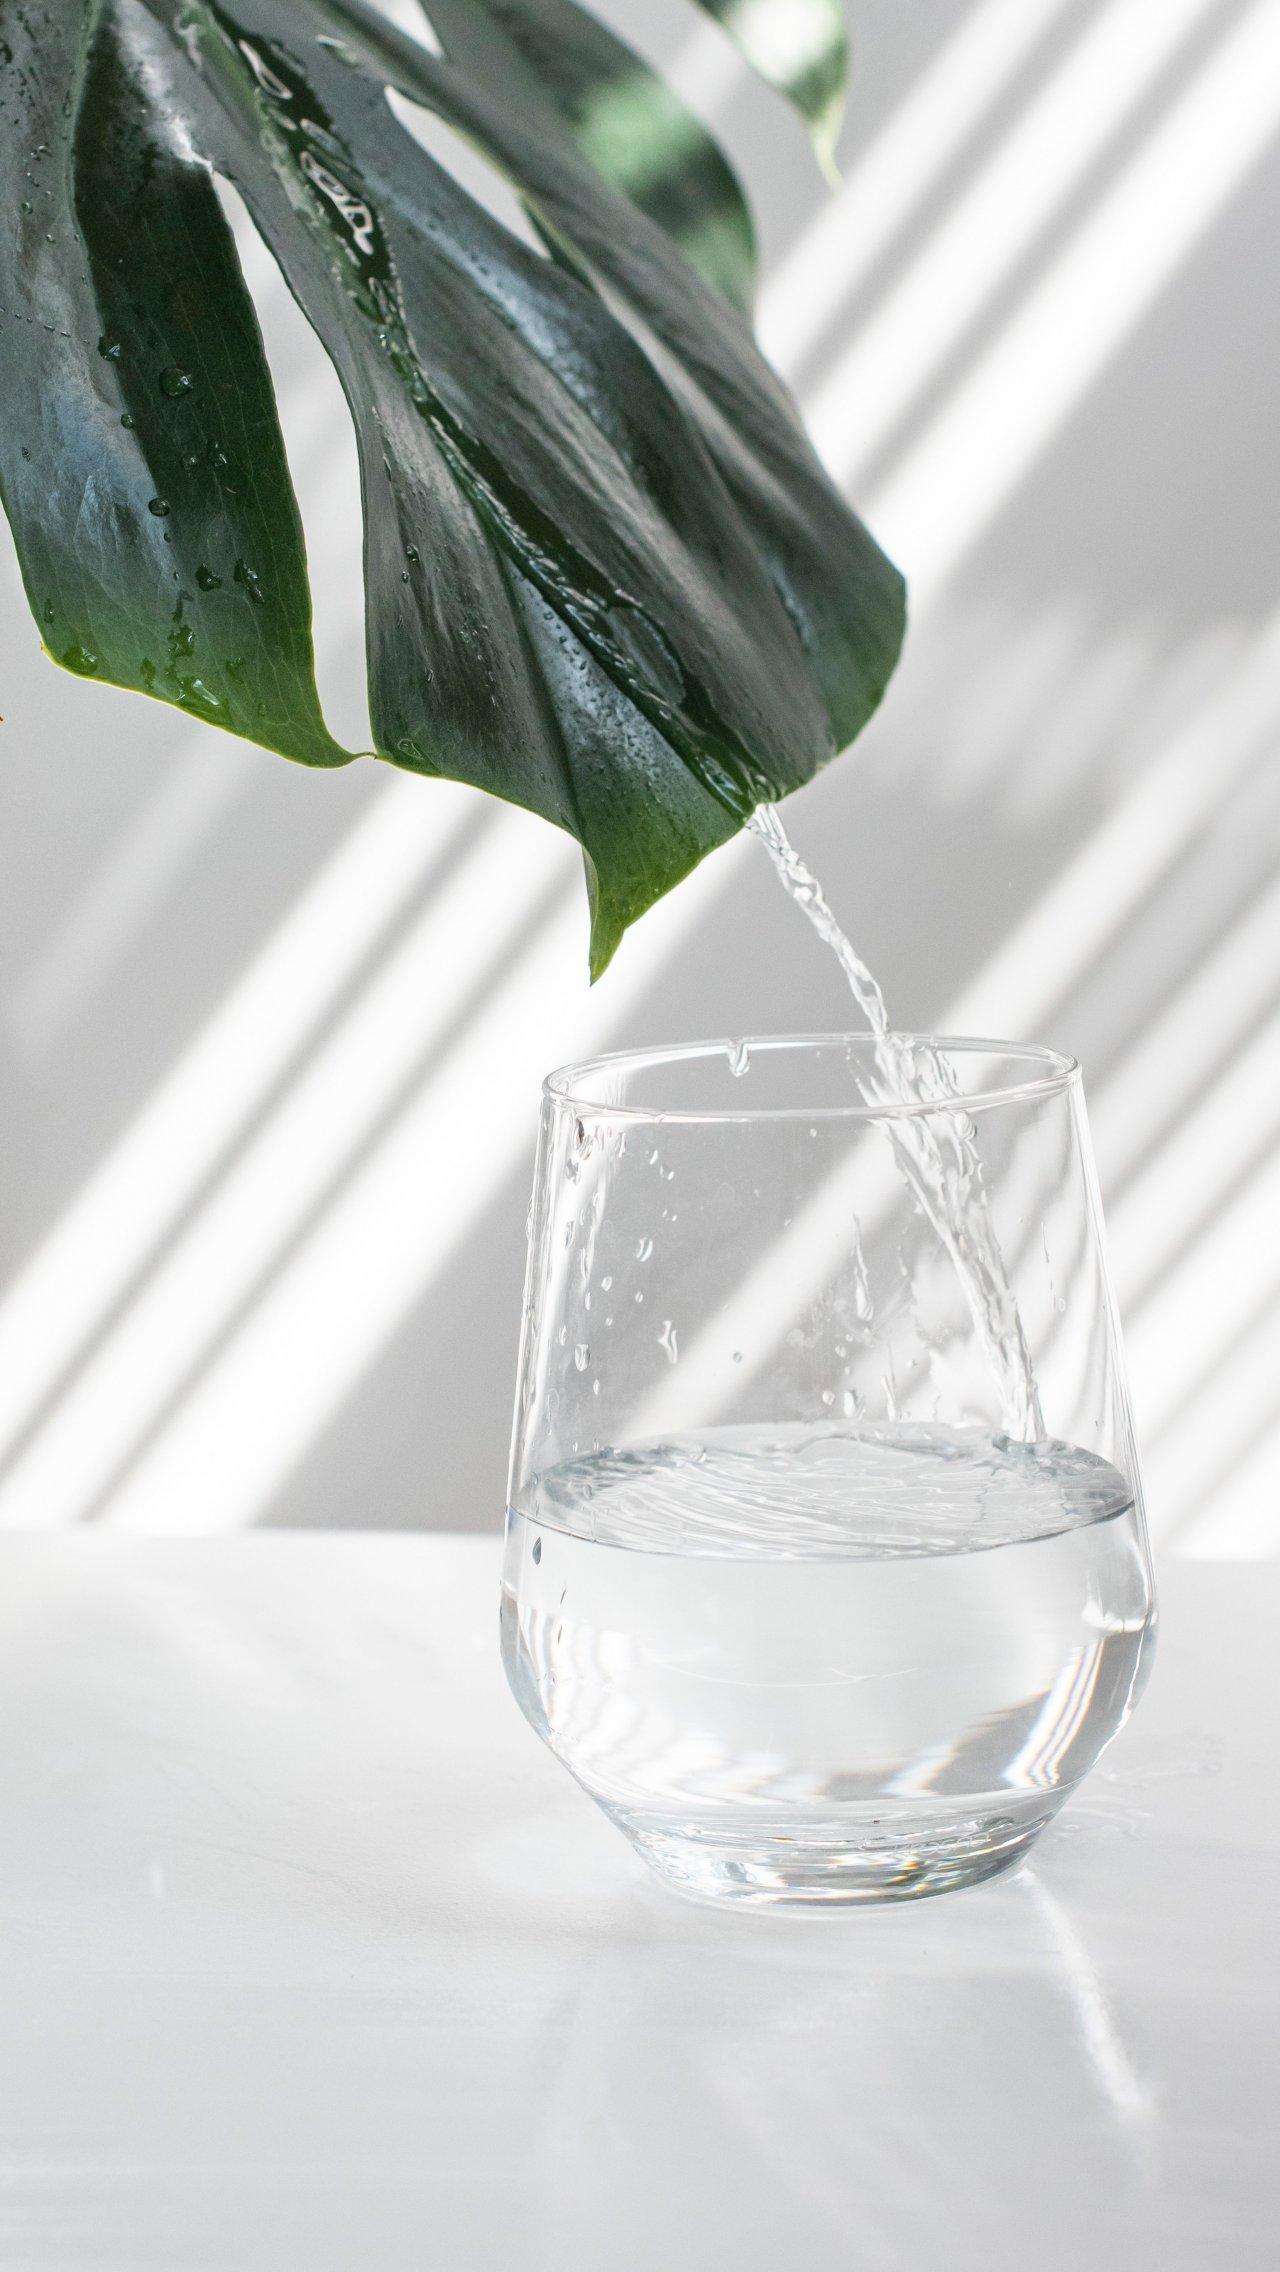 Не надо так: почему нельзя запивать еду водой